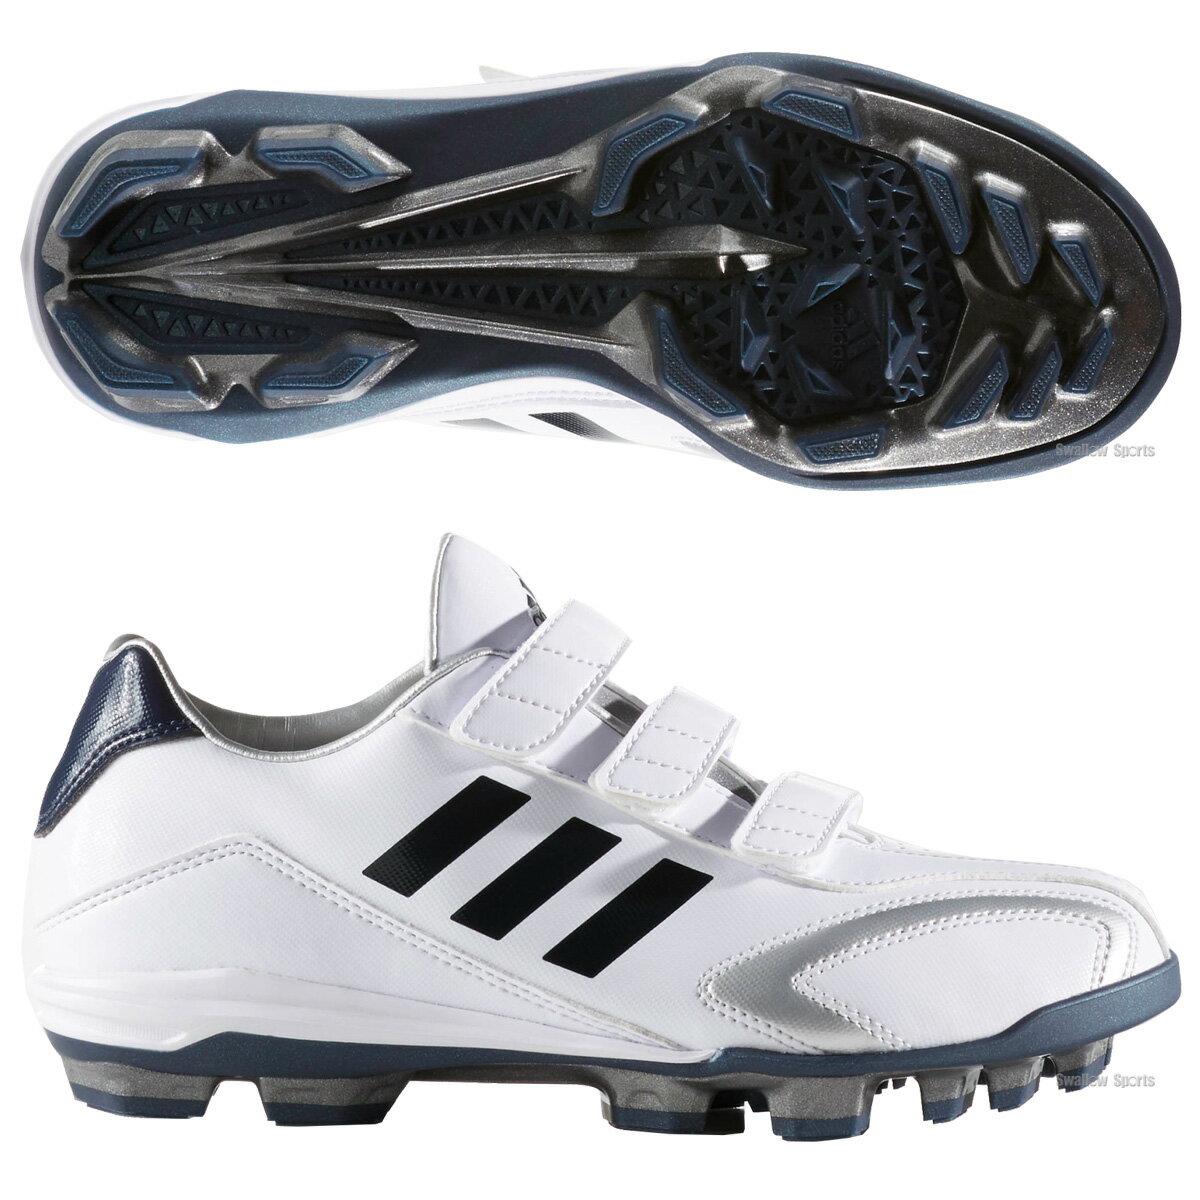 【あす楽対応】 adidas アディダス アディピュア T3 KV ポイント シューズ 少年用 AQ8366 GUB59 靴 野球部 野球用品 スワロースポーツ